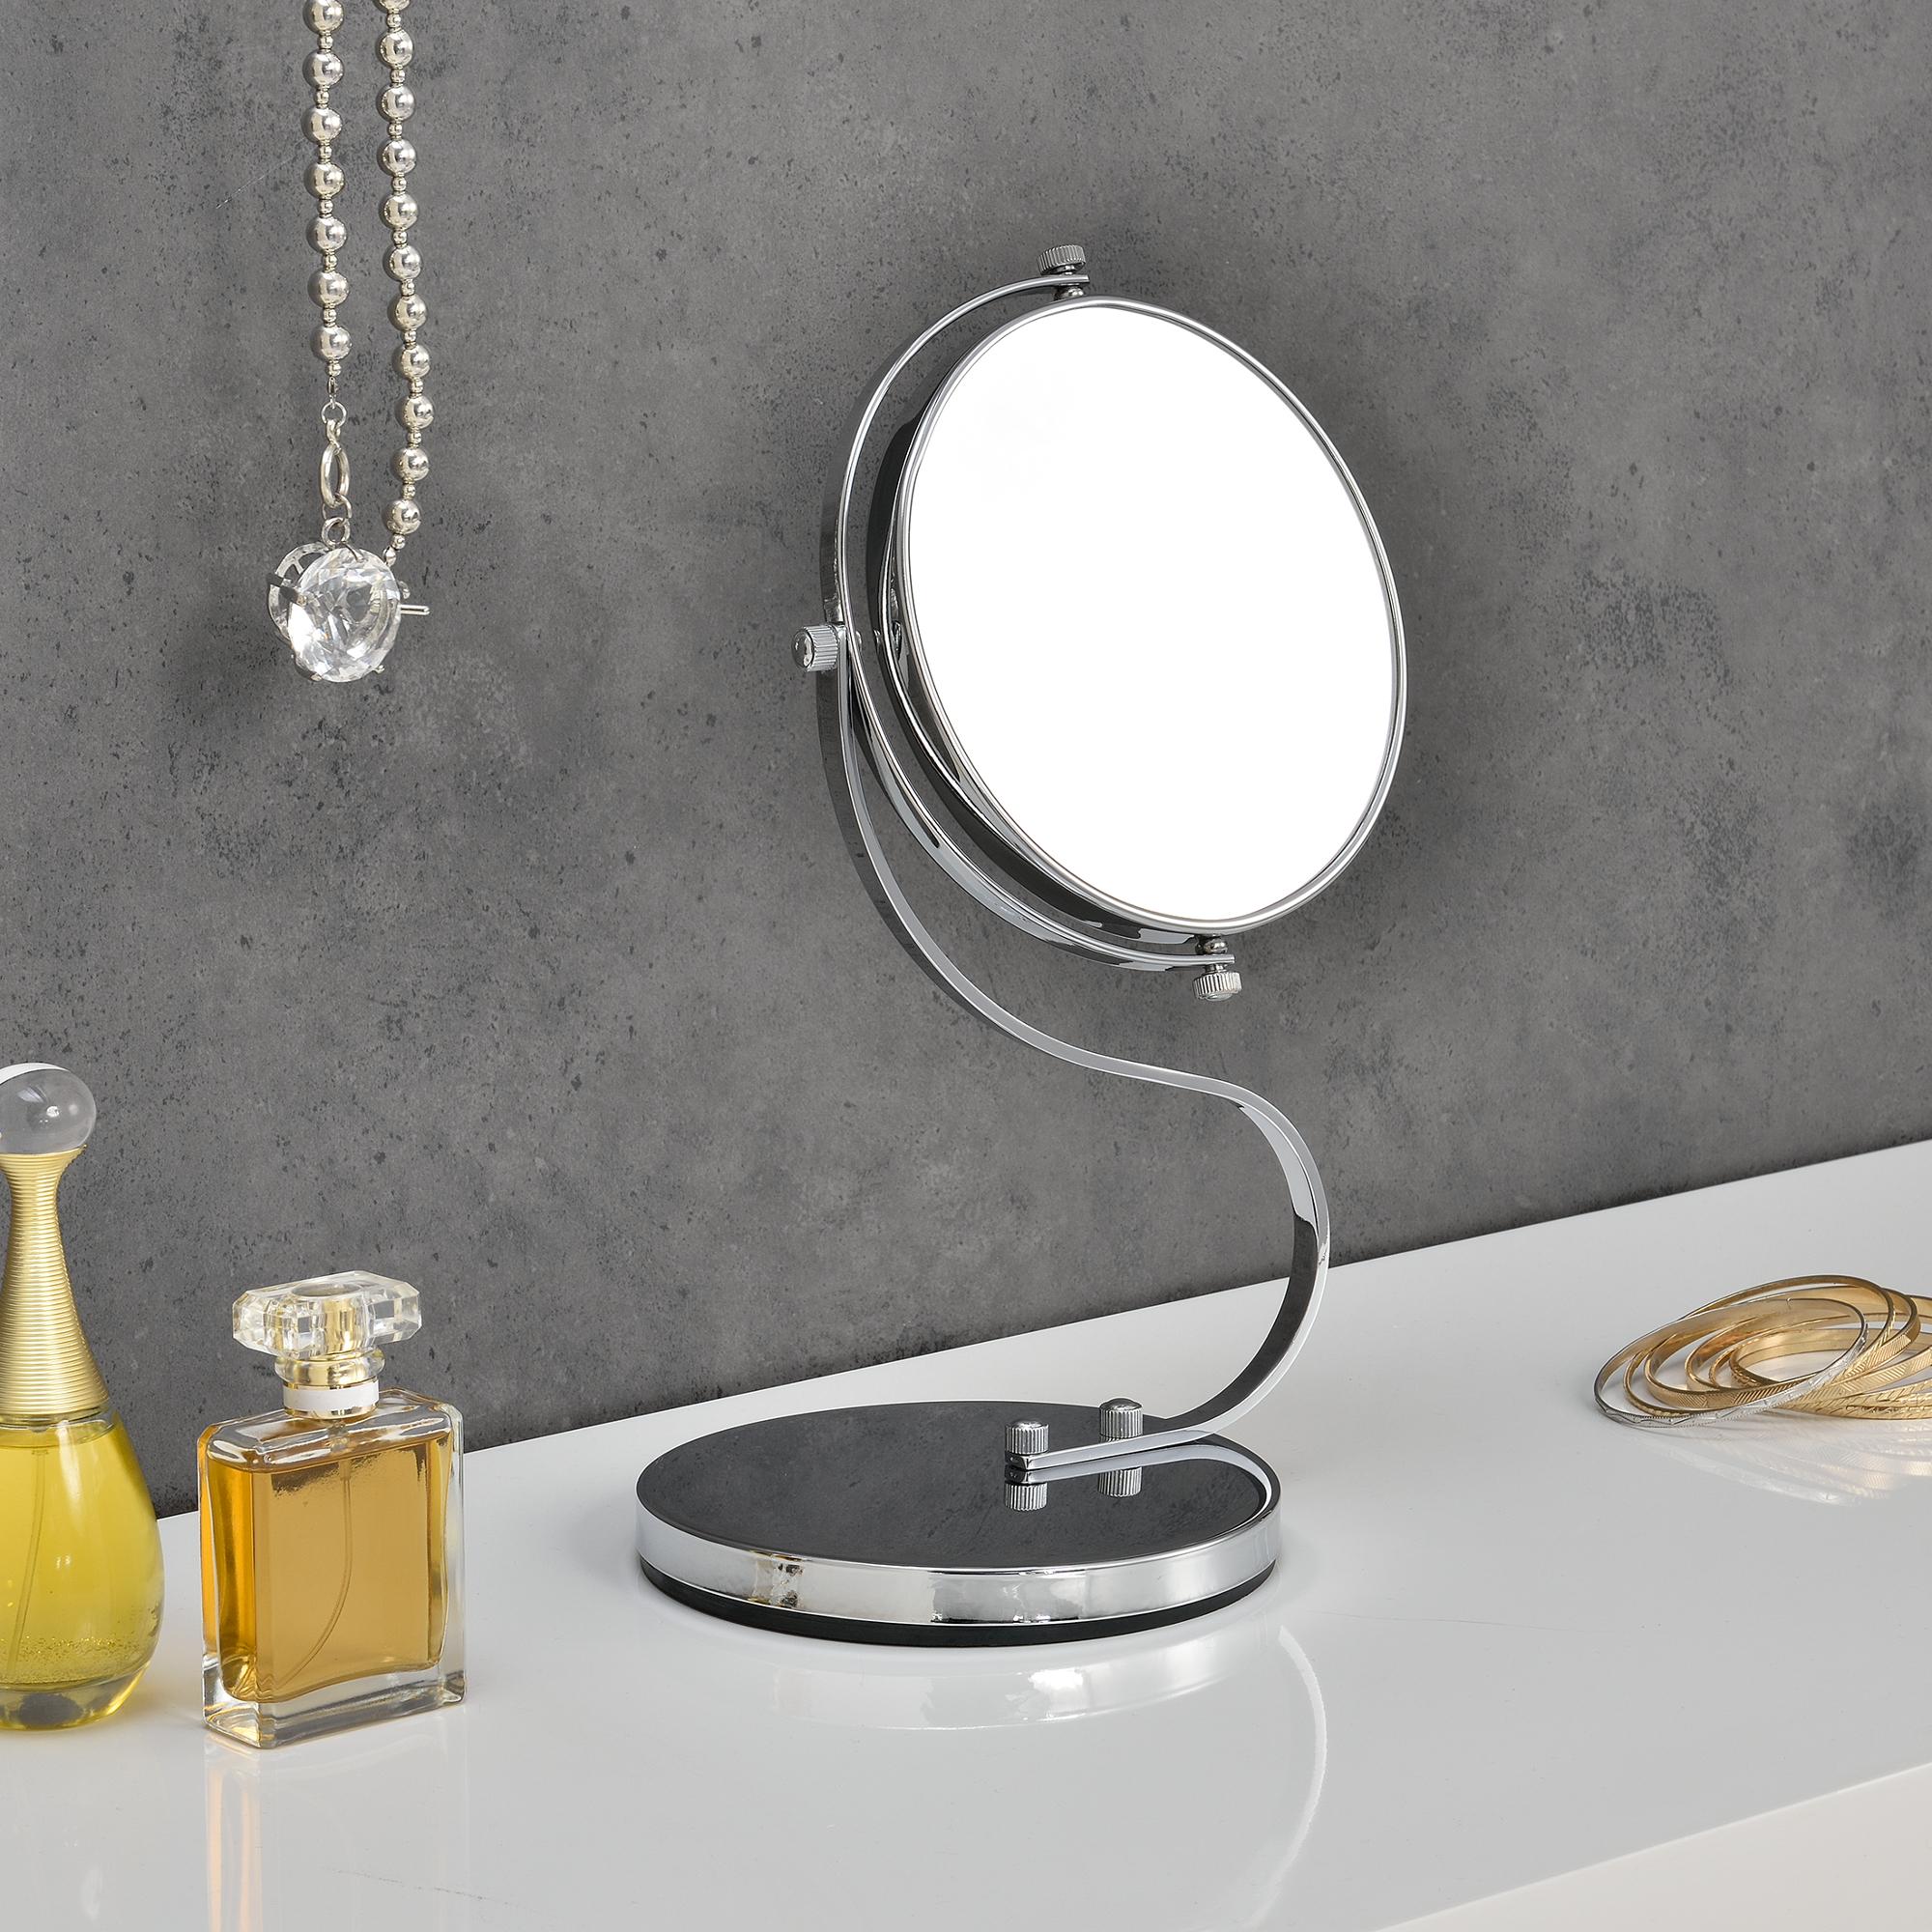 Specchio cosmetico 6 per trucco specchio make - Specchio make up ...